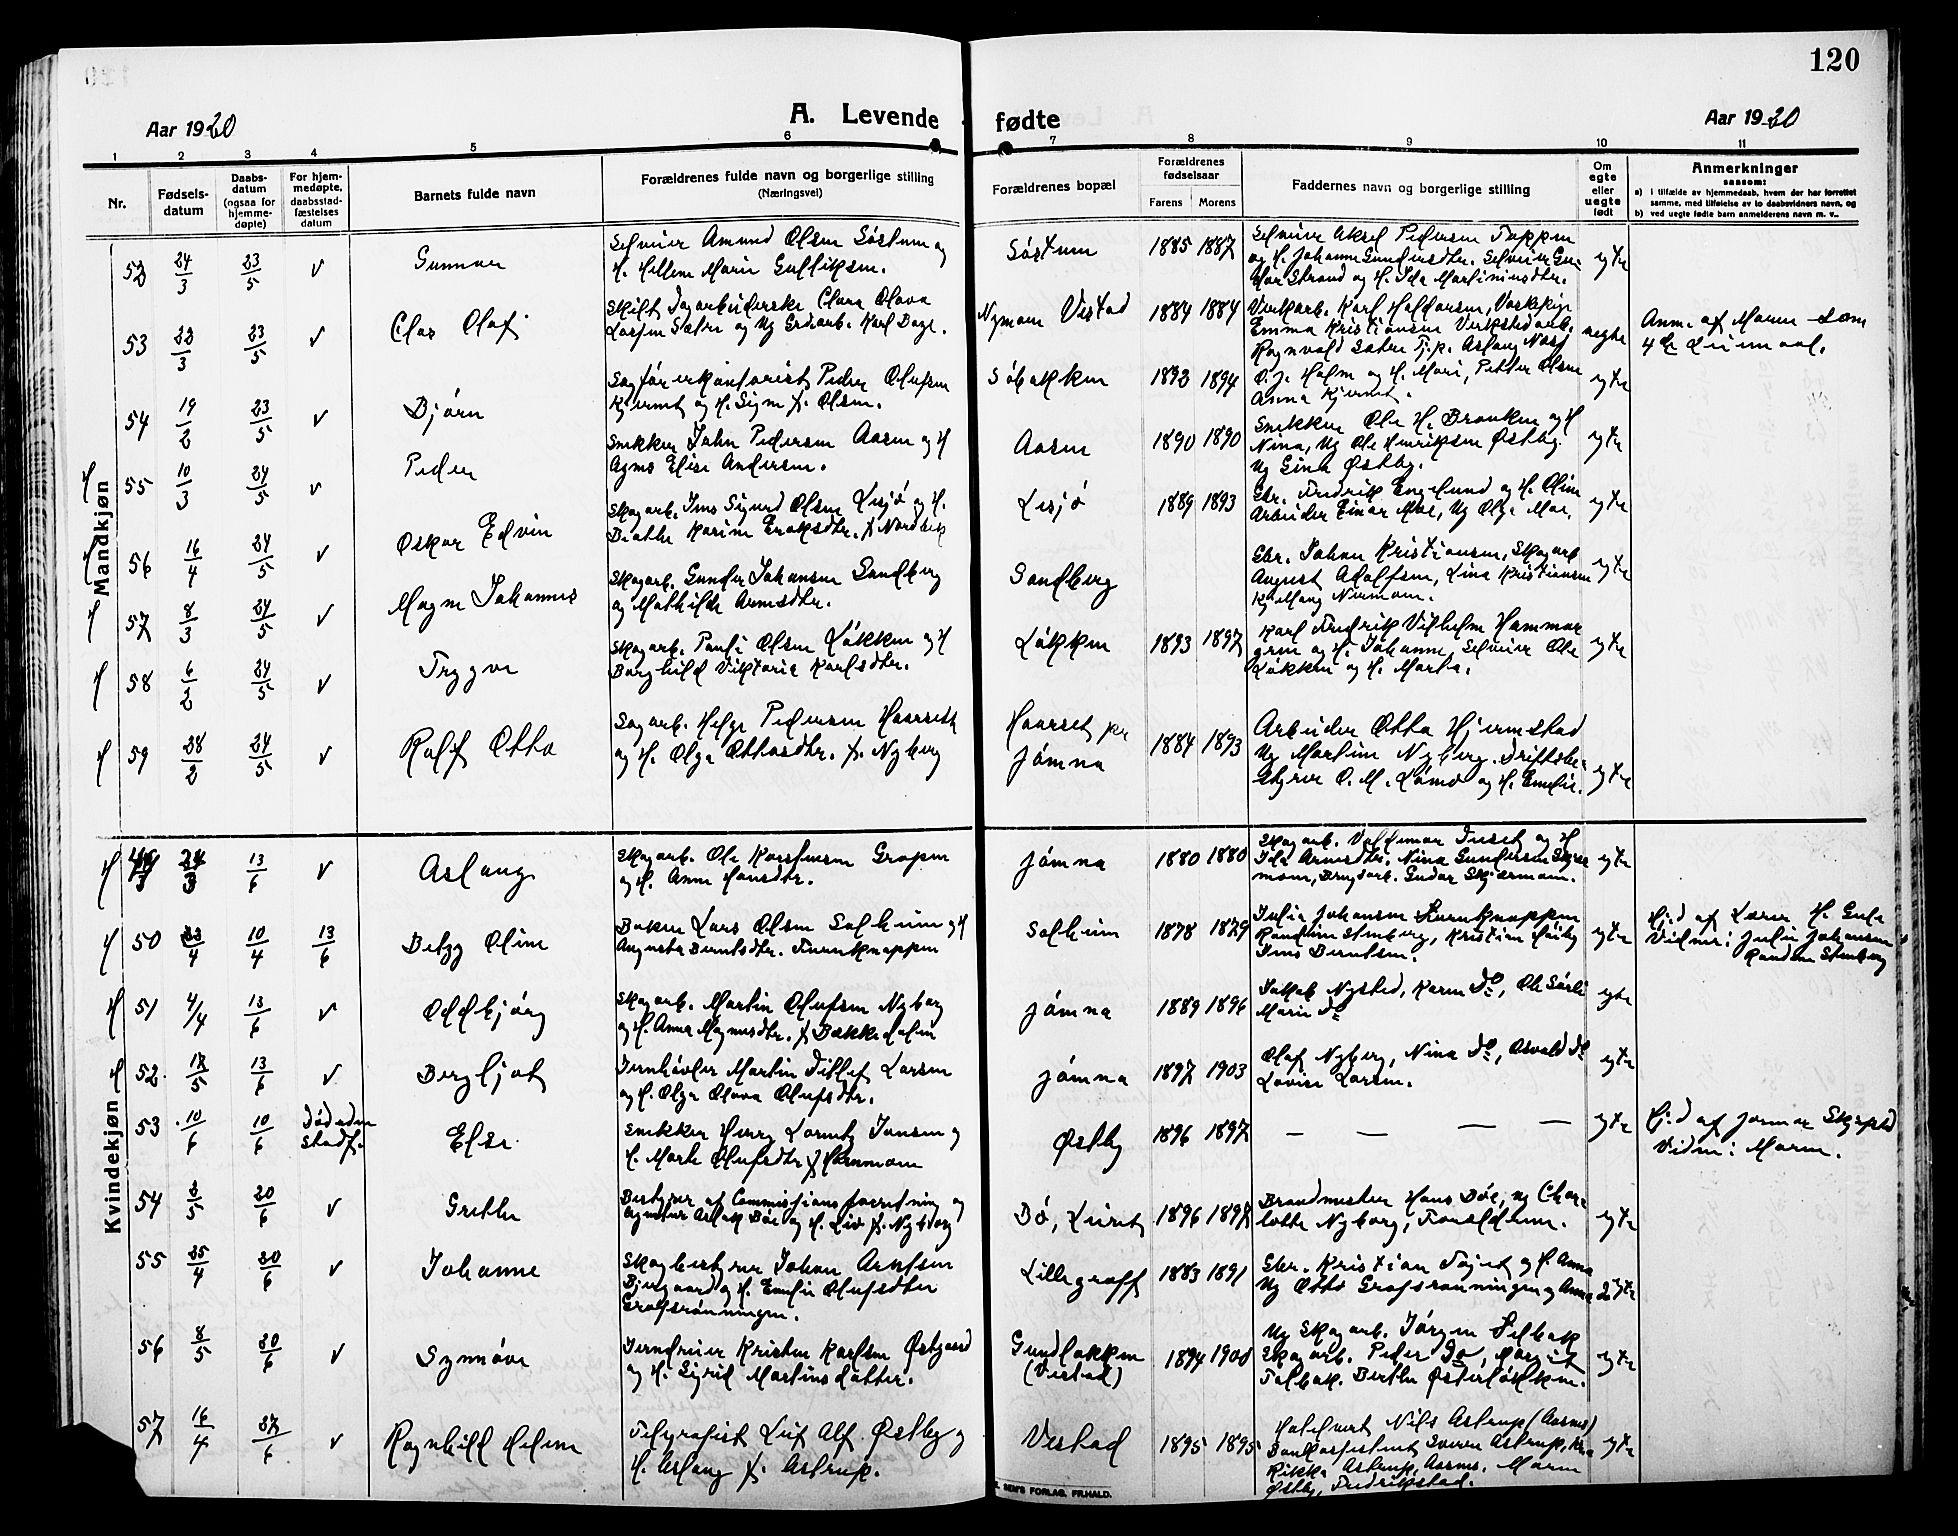 SAH, Elverum prestekontor, H/Ha/Hab/L0010: Klokkerbok nr. 10, 1912-1922, s. 120